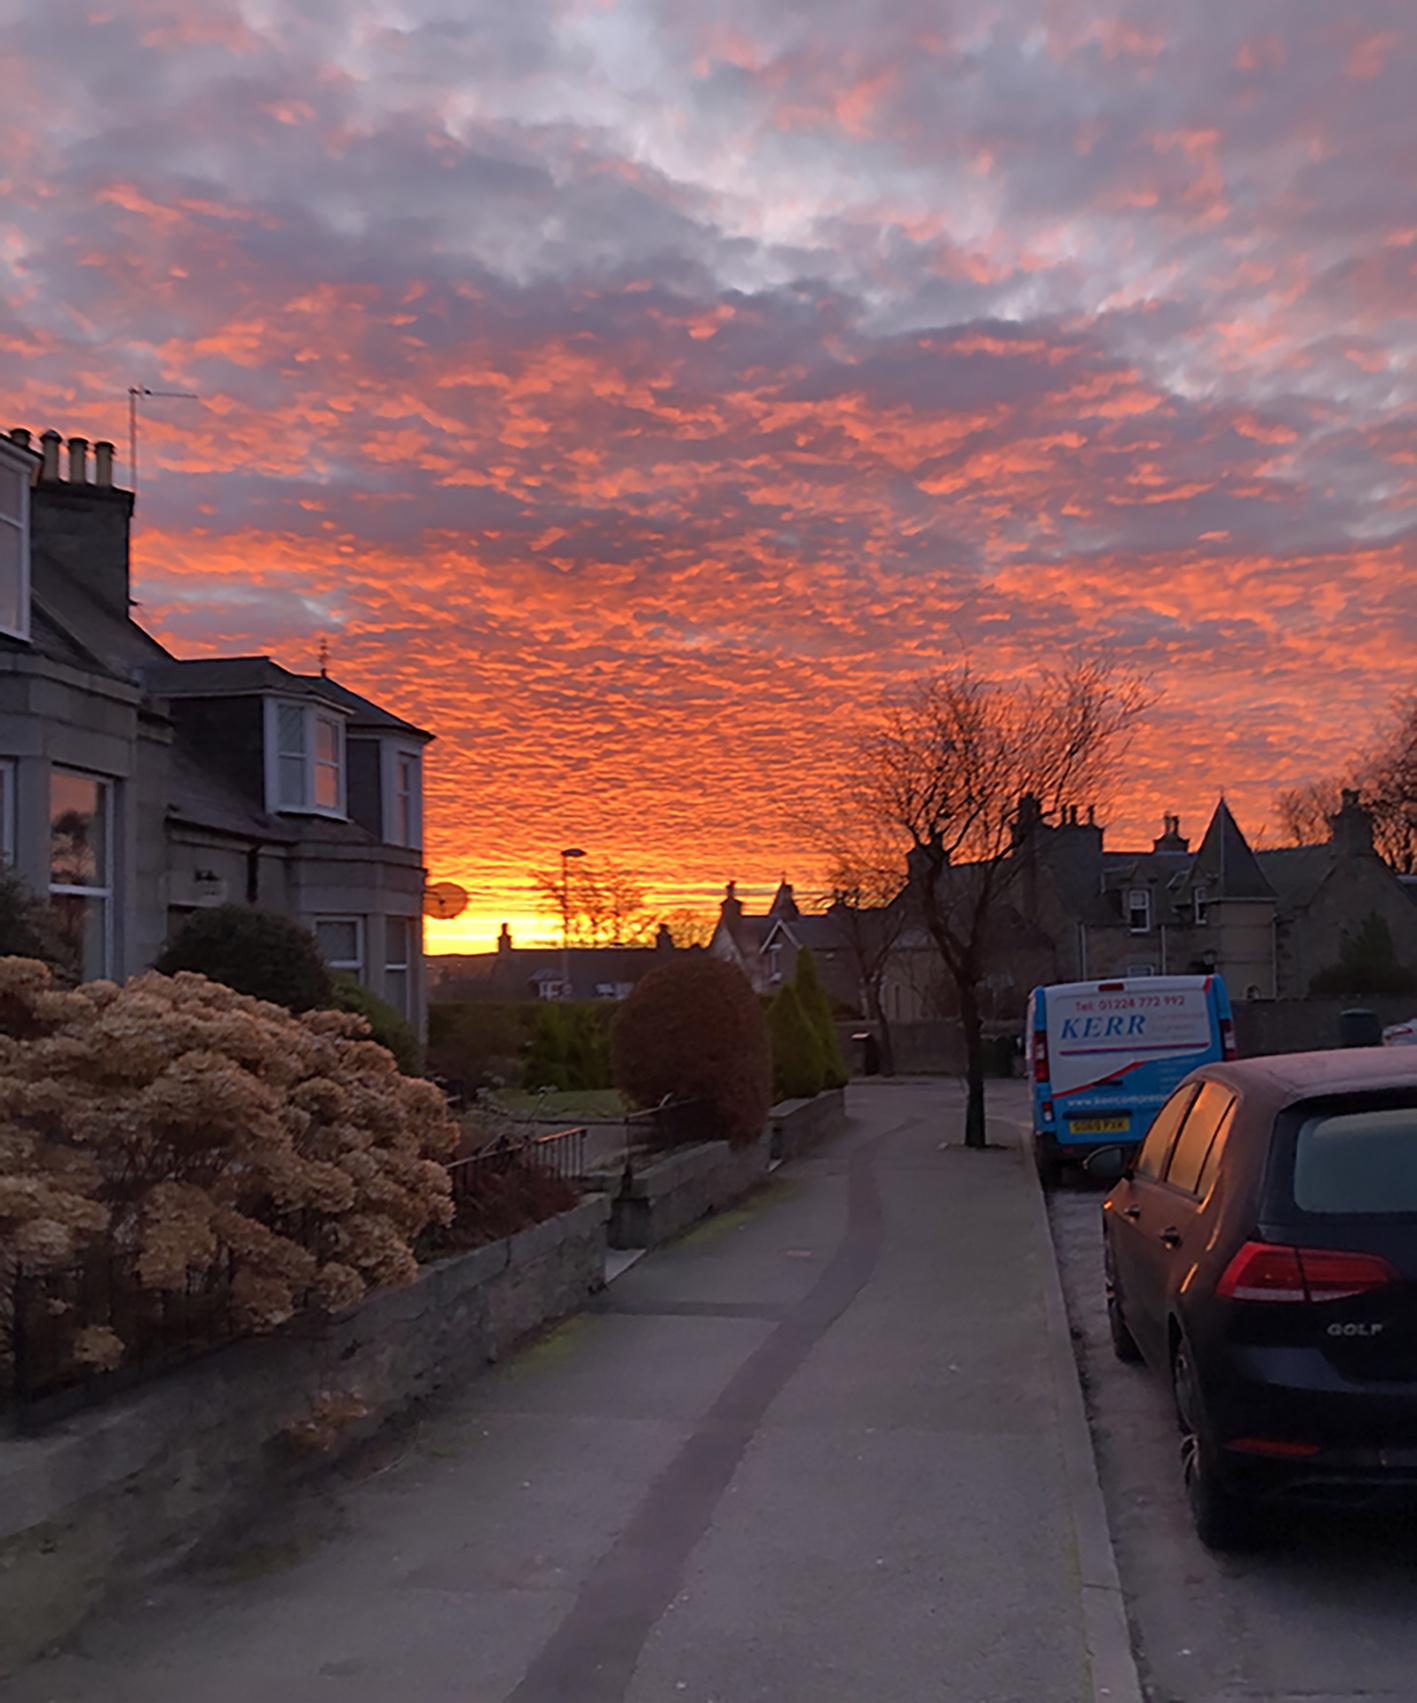 Sunset looking down Zoë's street in Aberdeen